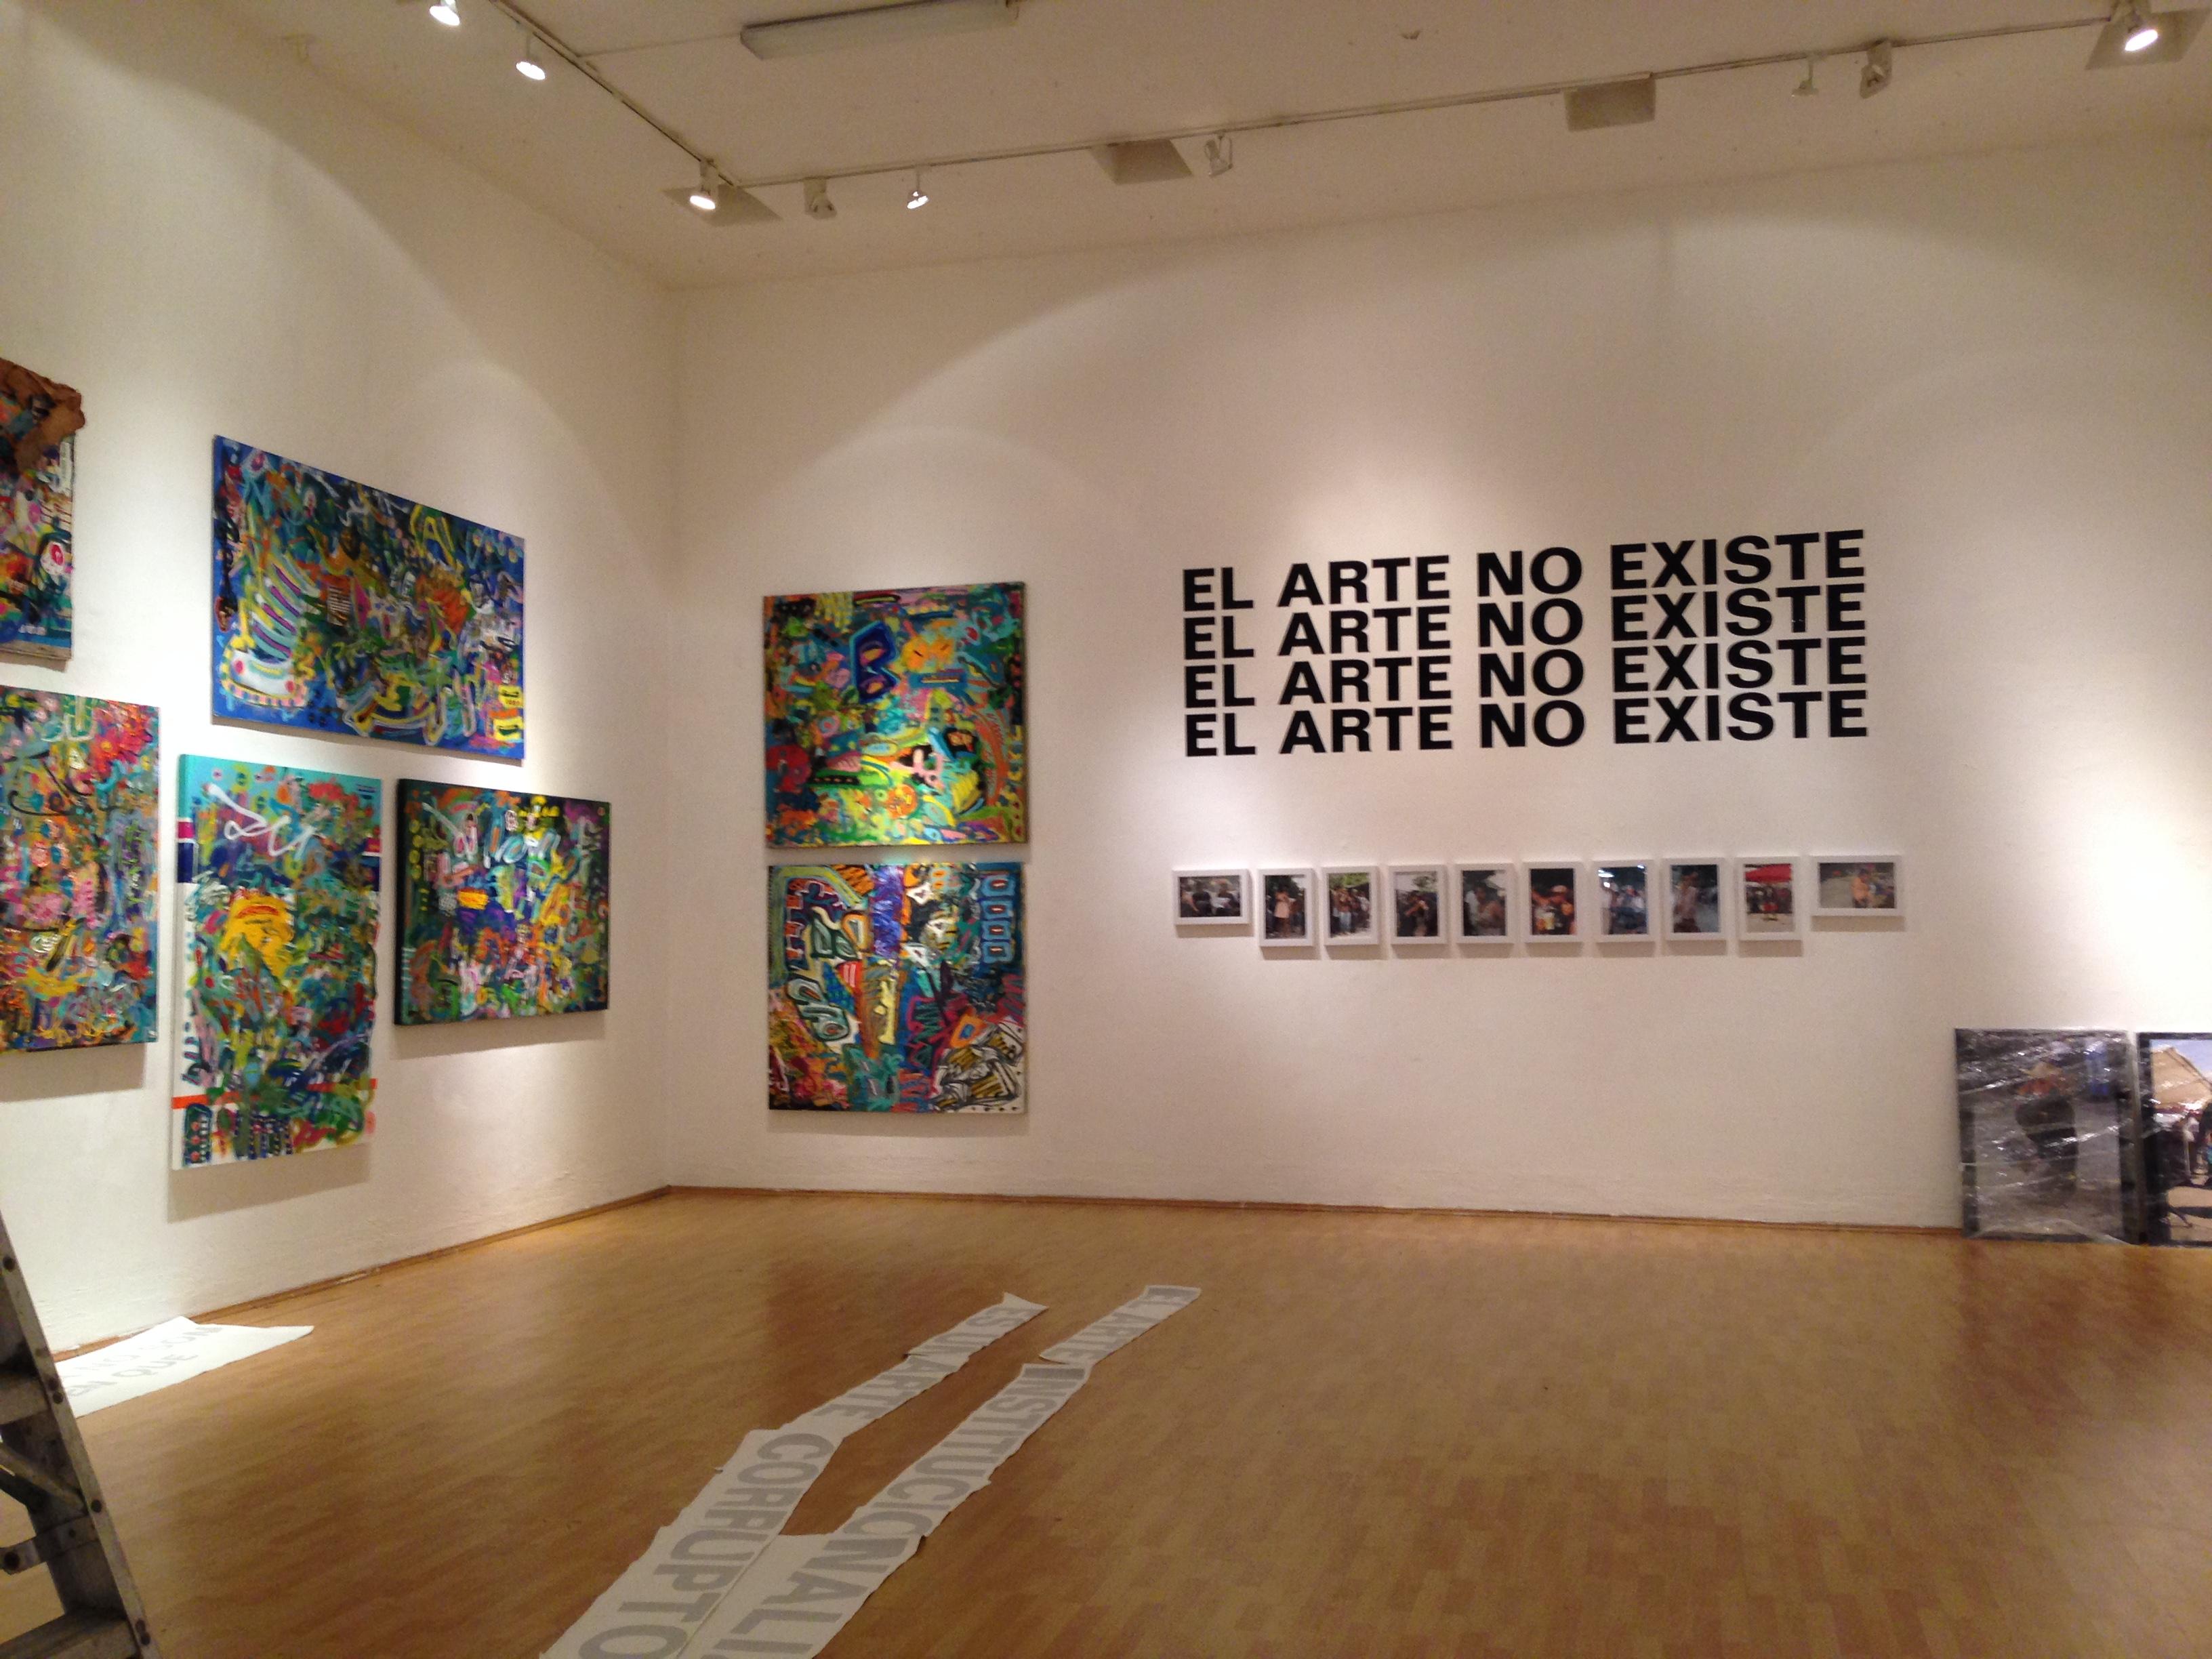 Llegan dos nuevas exposiciones a la Galería Juan Soriano